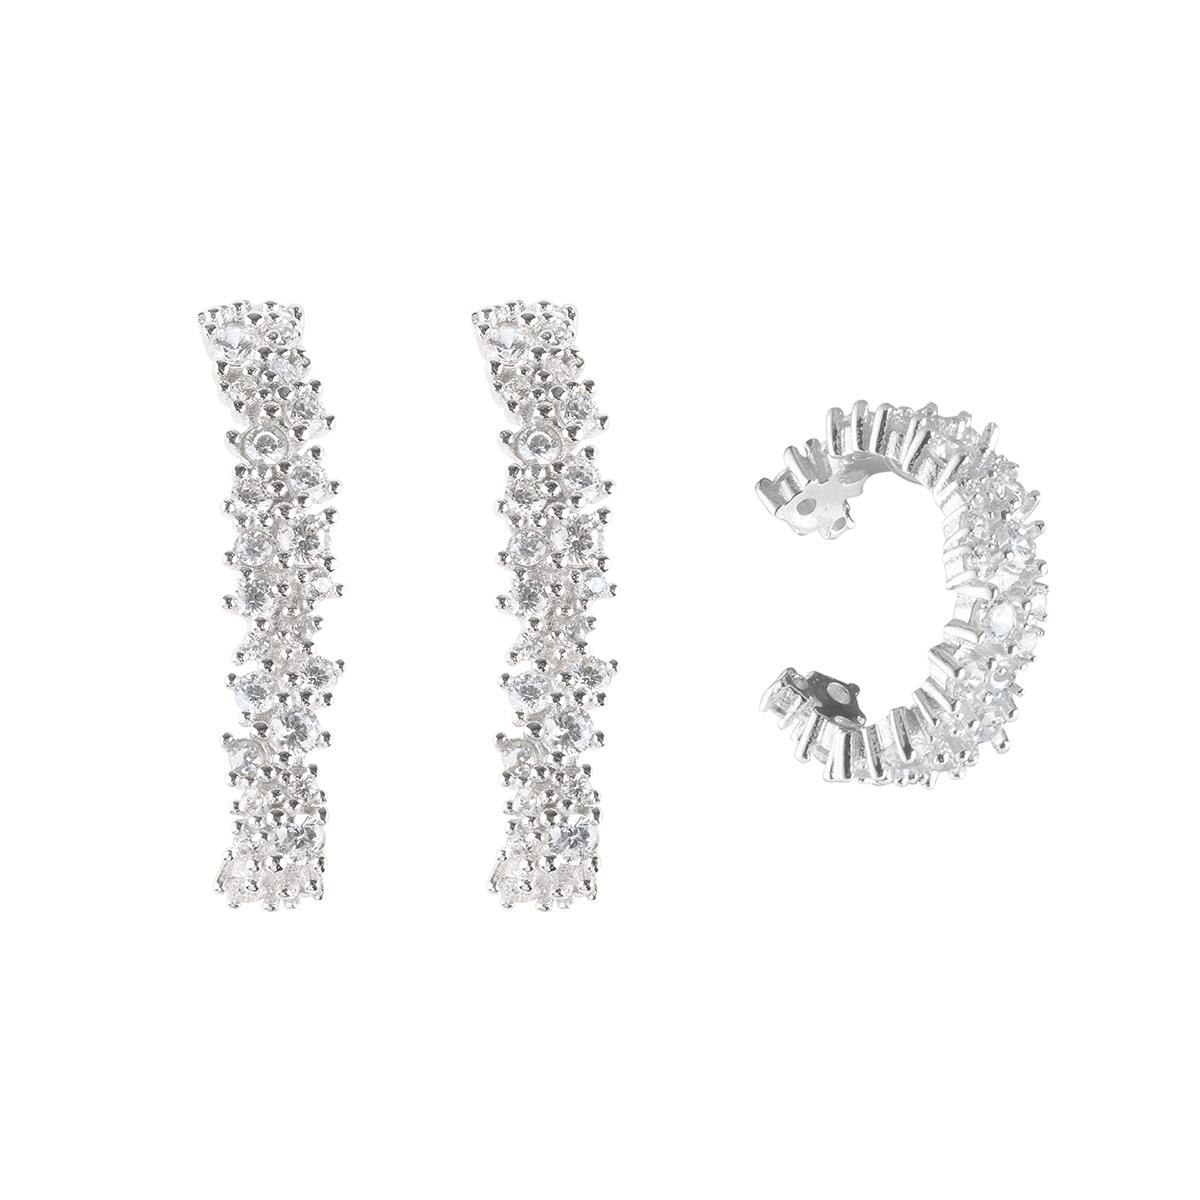 Jiggy_Earrings_850_SEK.1